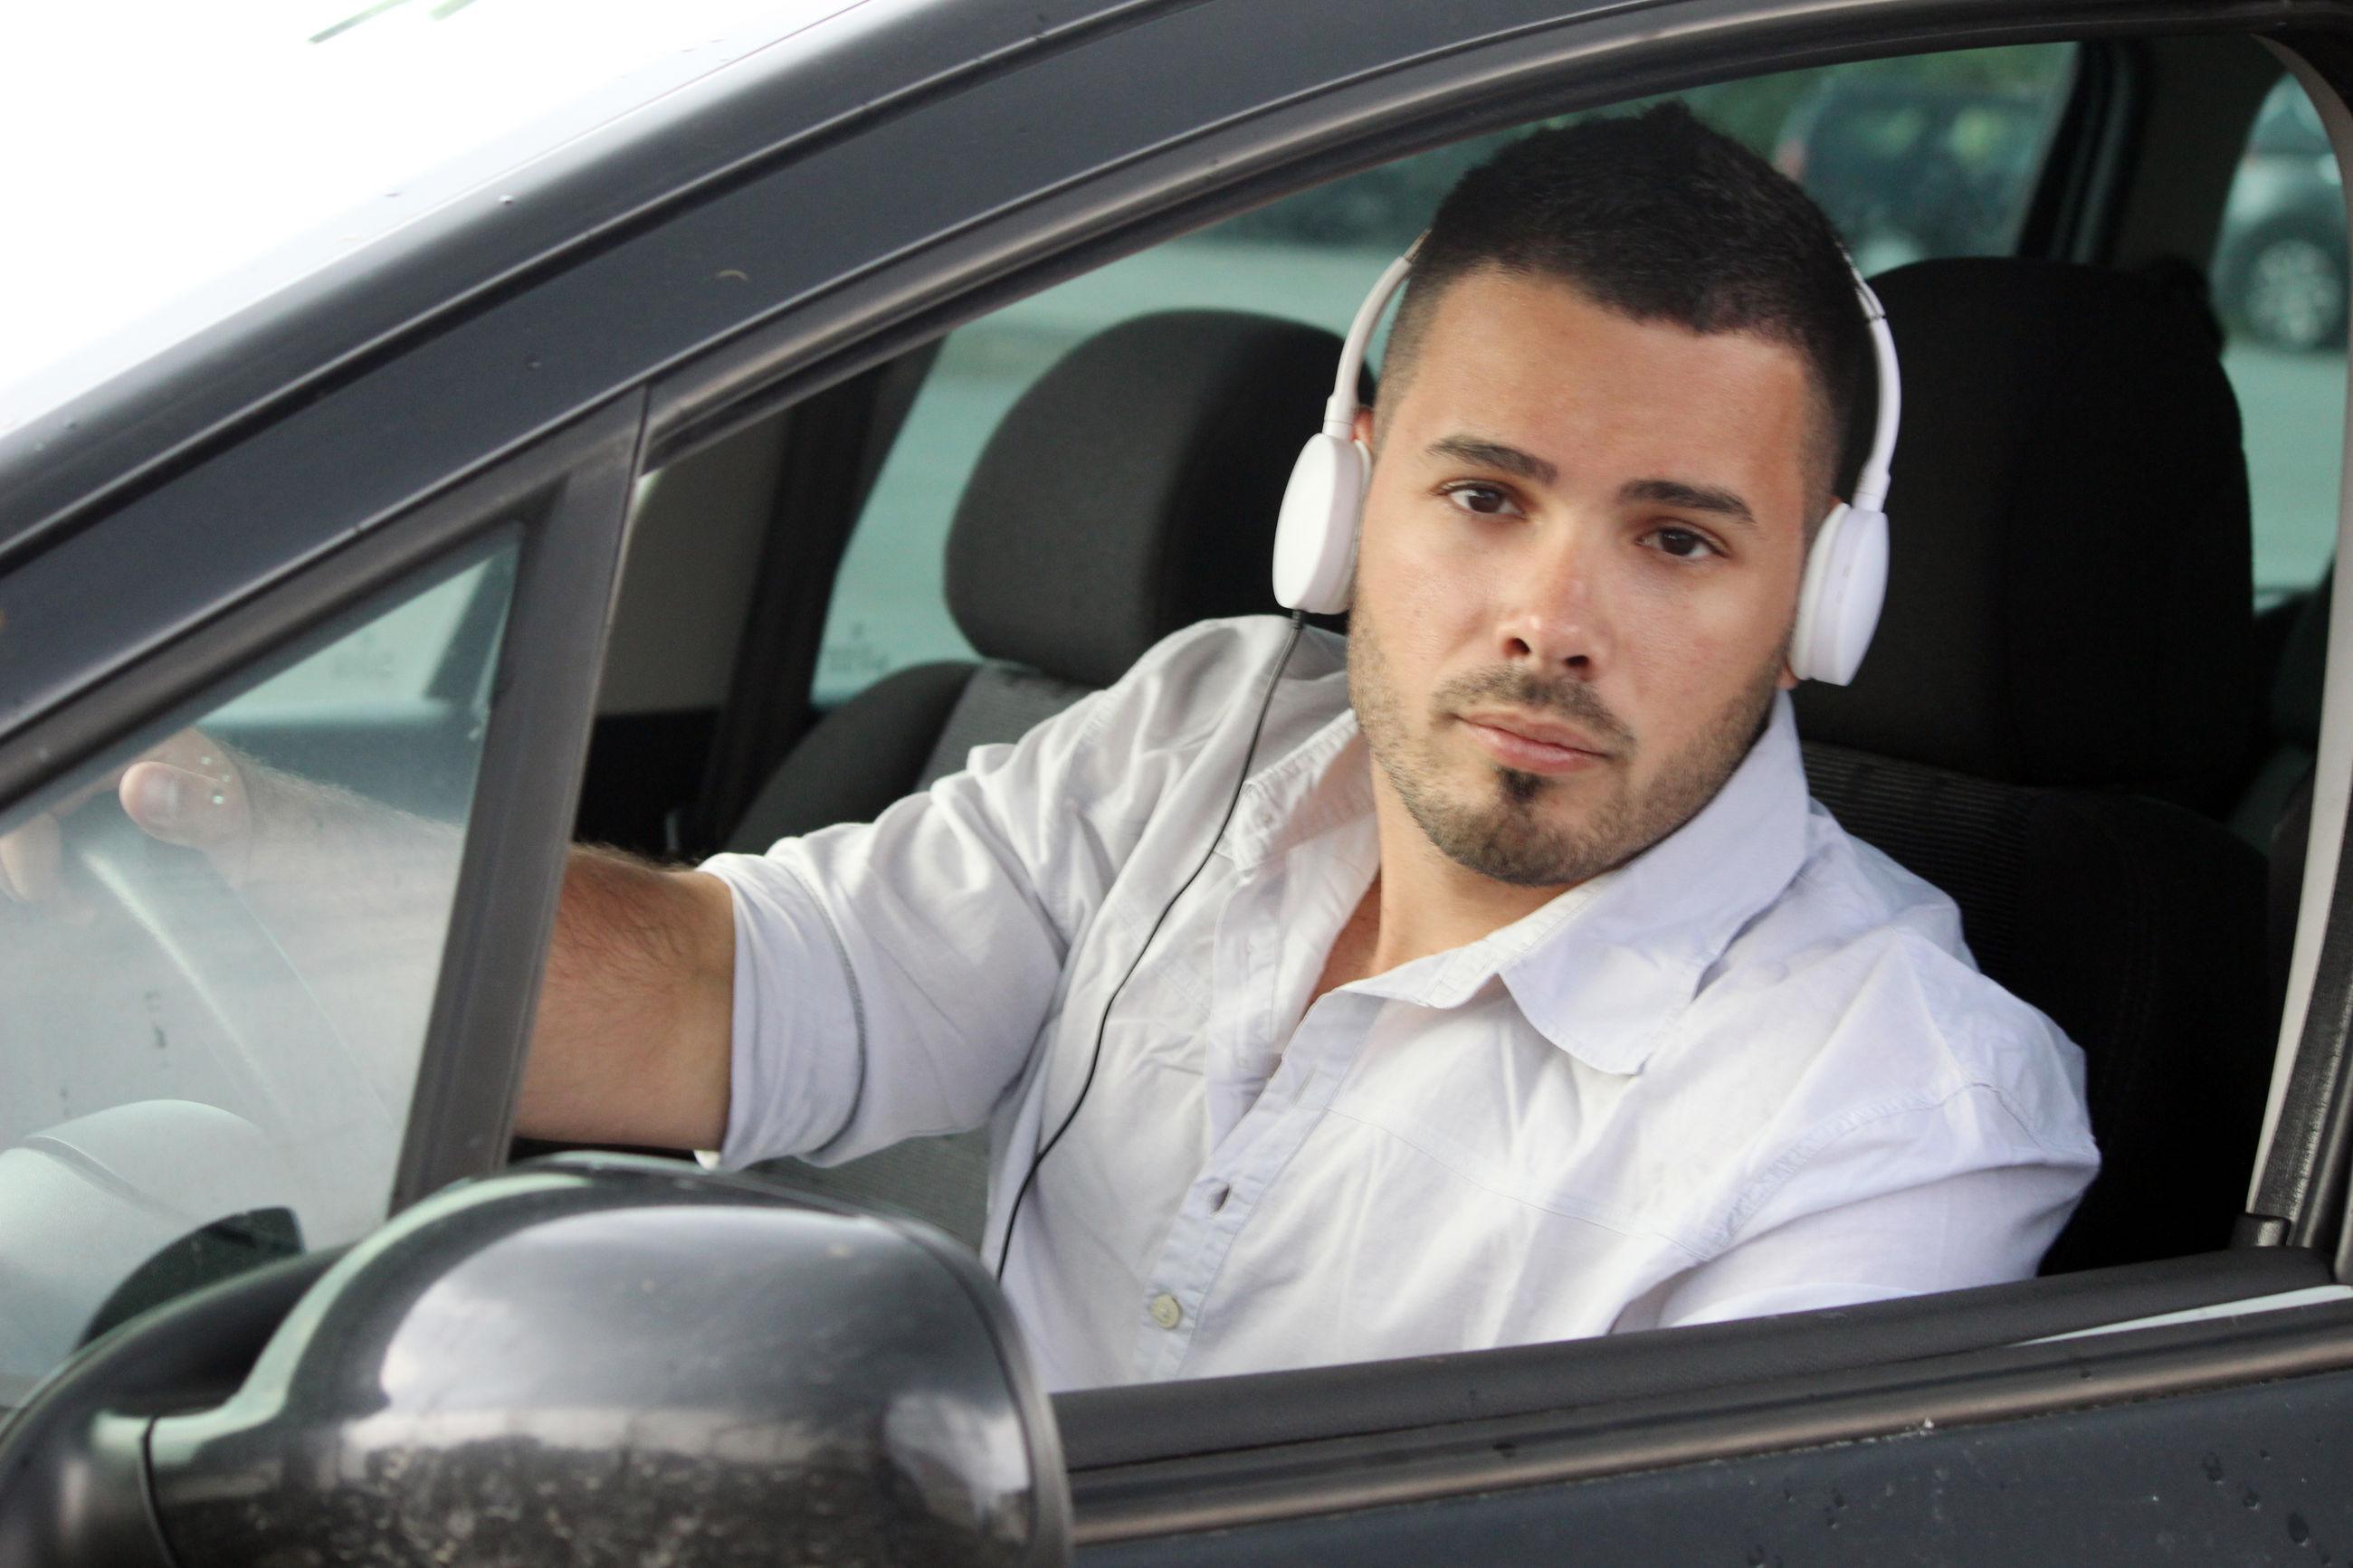 PORTRAIT OF A MAN SITTING ON CAR